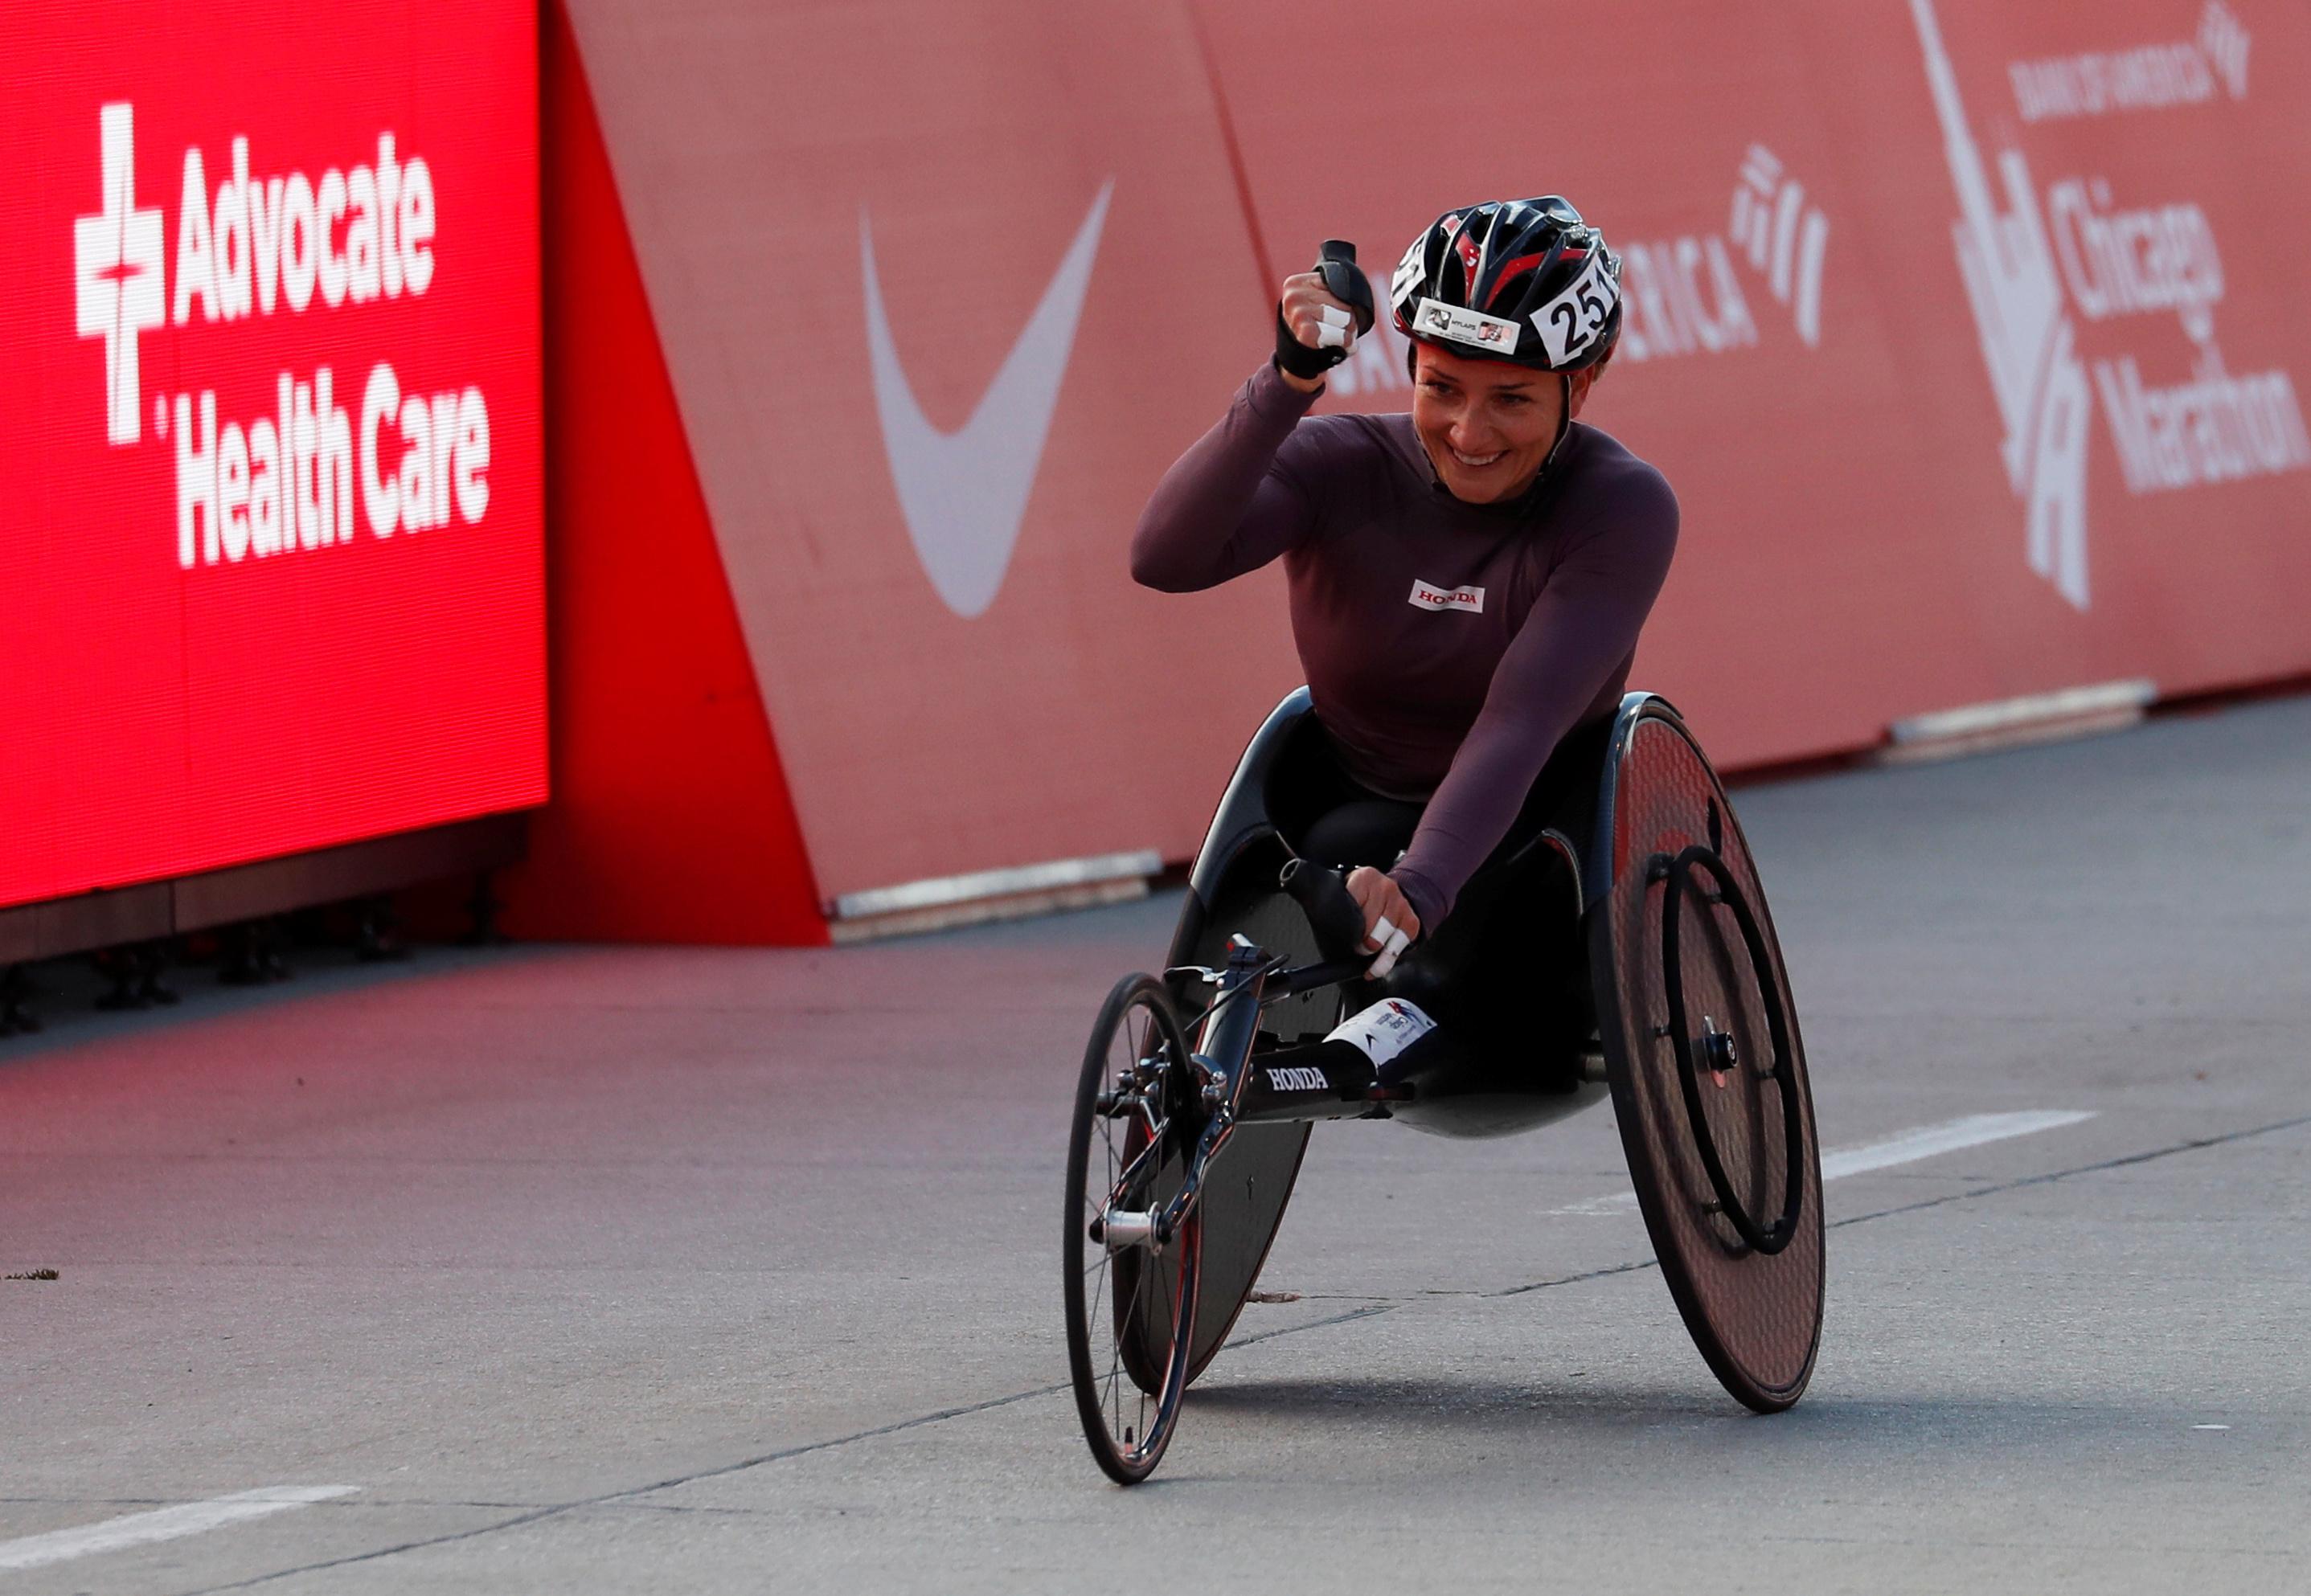 La suiza Manuela Schar ganó en la categoría sobre silla de ruedas femenina